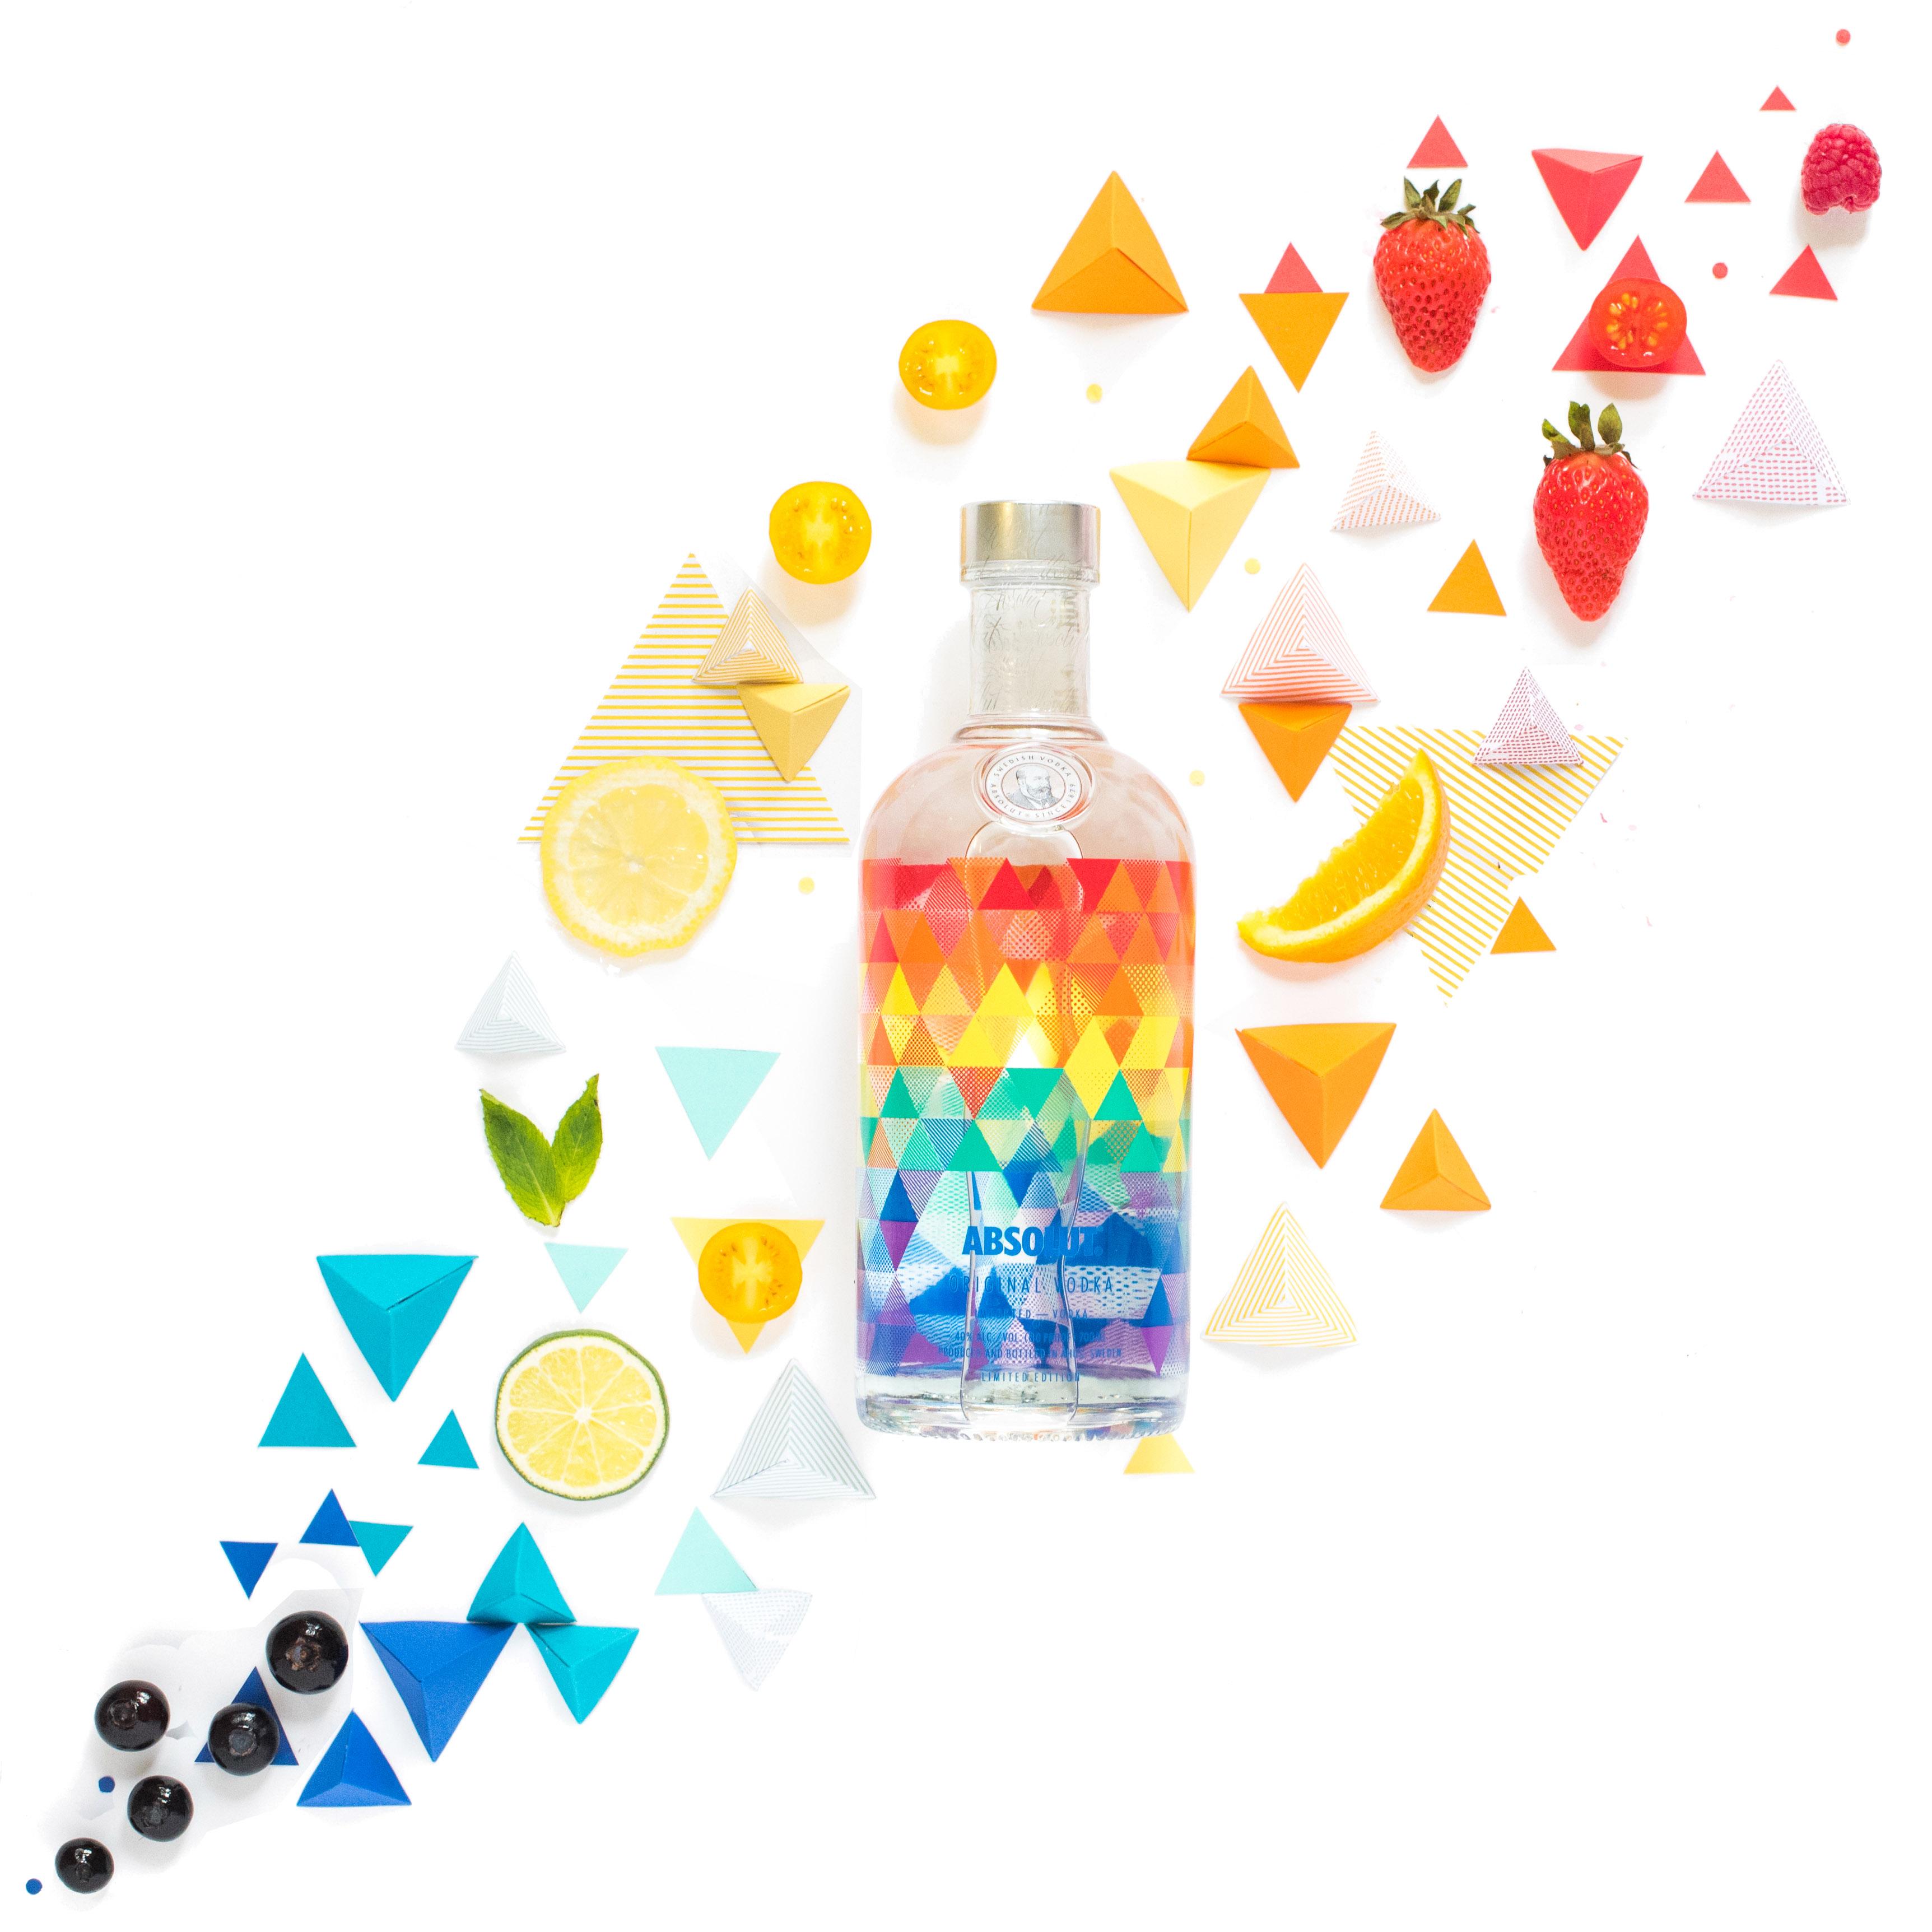 Absolut vodka sans les triangles-5 en tant qu'objet dynamique final